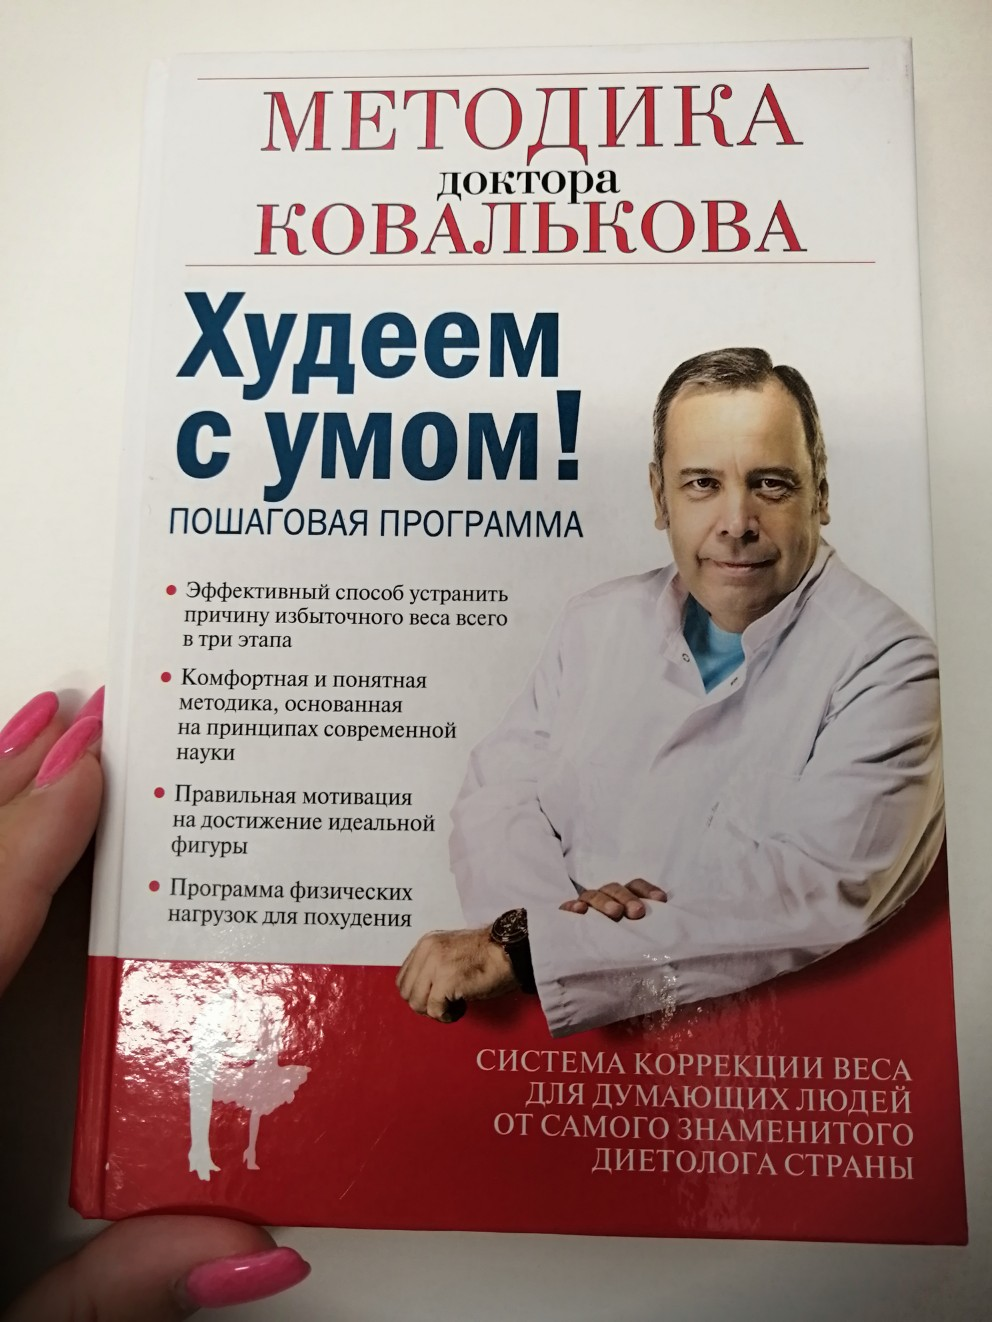 Методика Ковалькова Похудения. Диета доктора Ковалькова: красивая фигура без вреда для здоровья